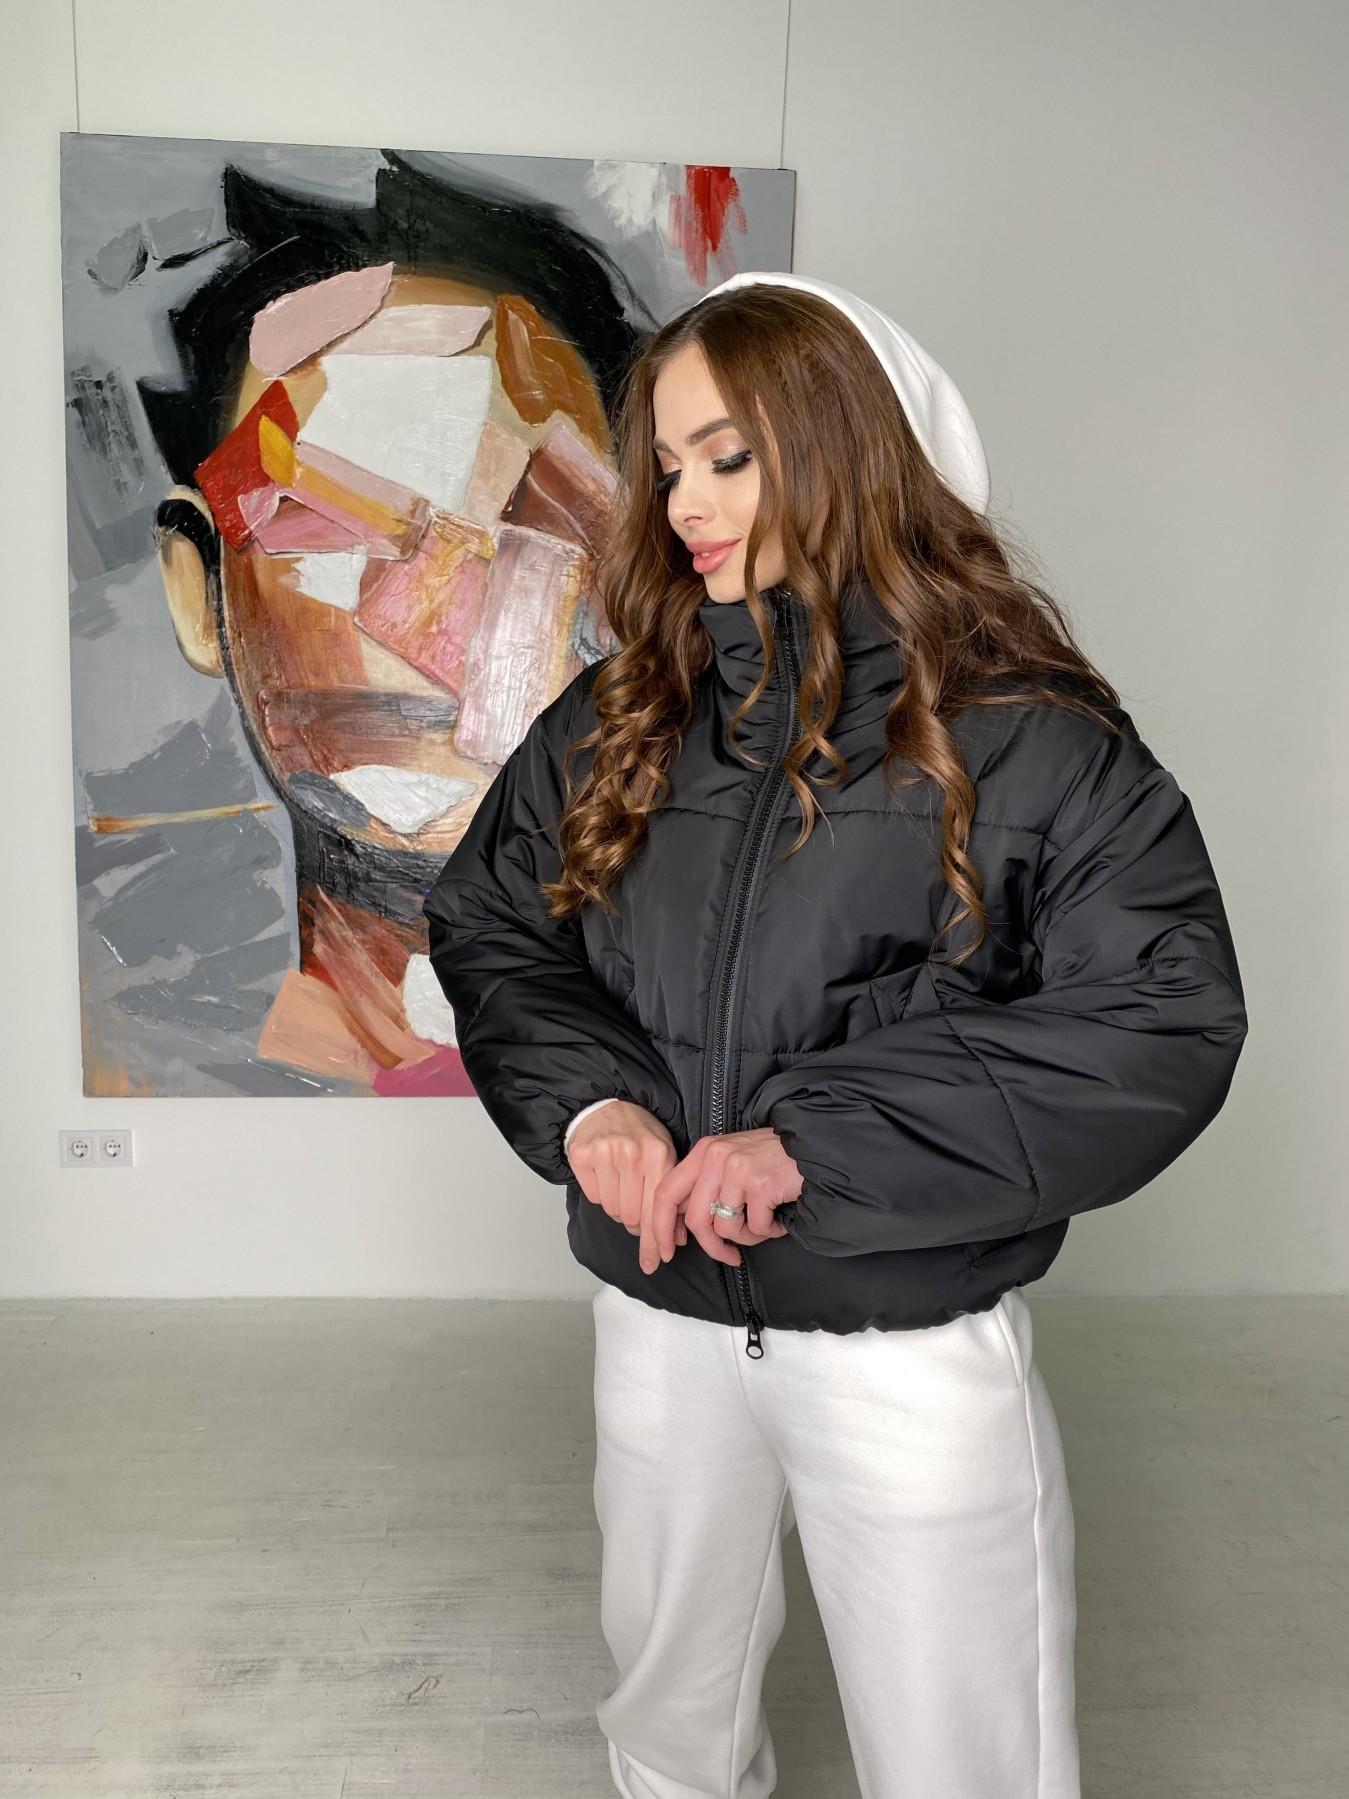 Драйв куртка из плащевой ткани 10448 АРТ. 46842 Цвет: Черный - фото 1, интернет магазин tm-modus.ru